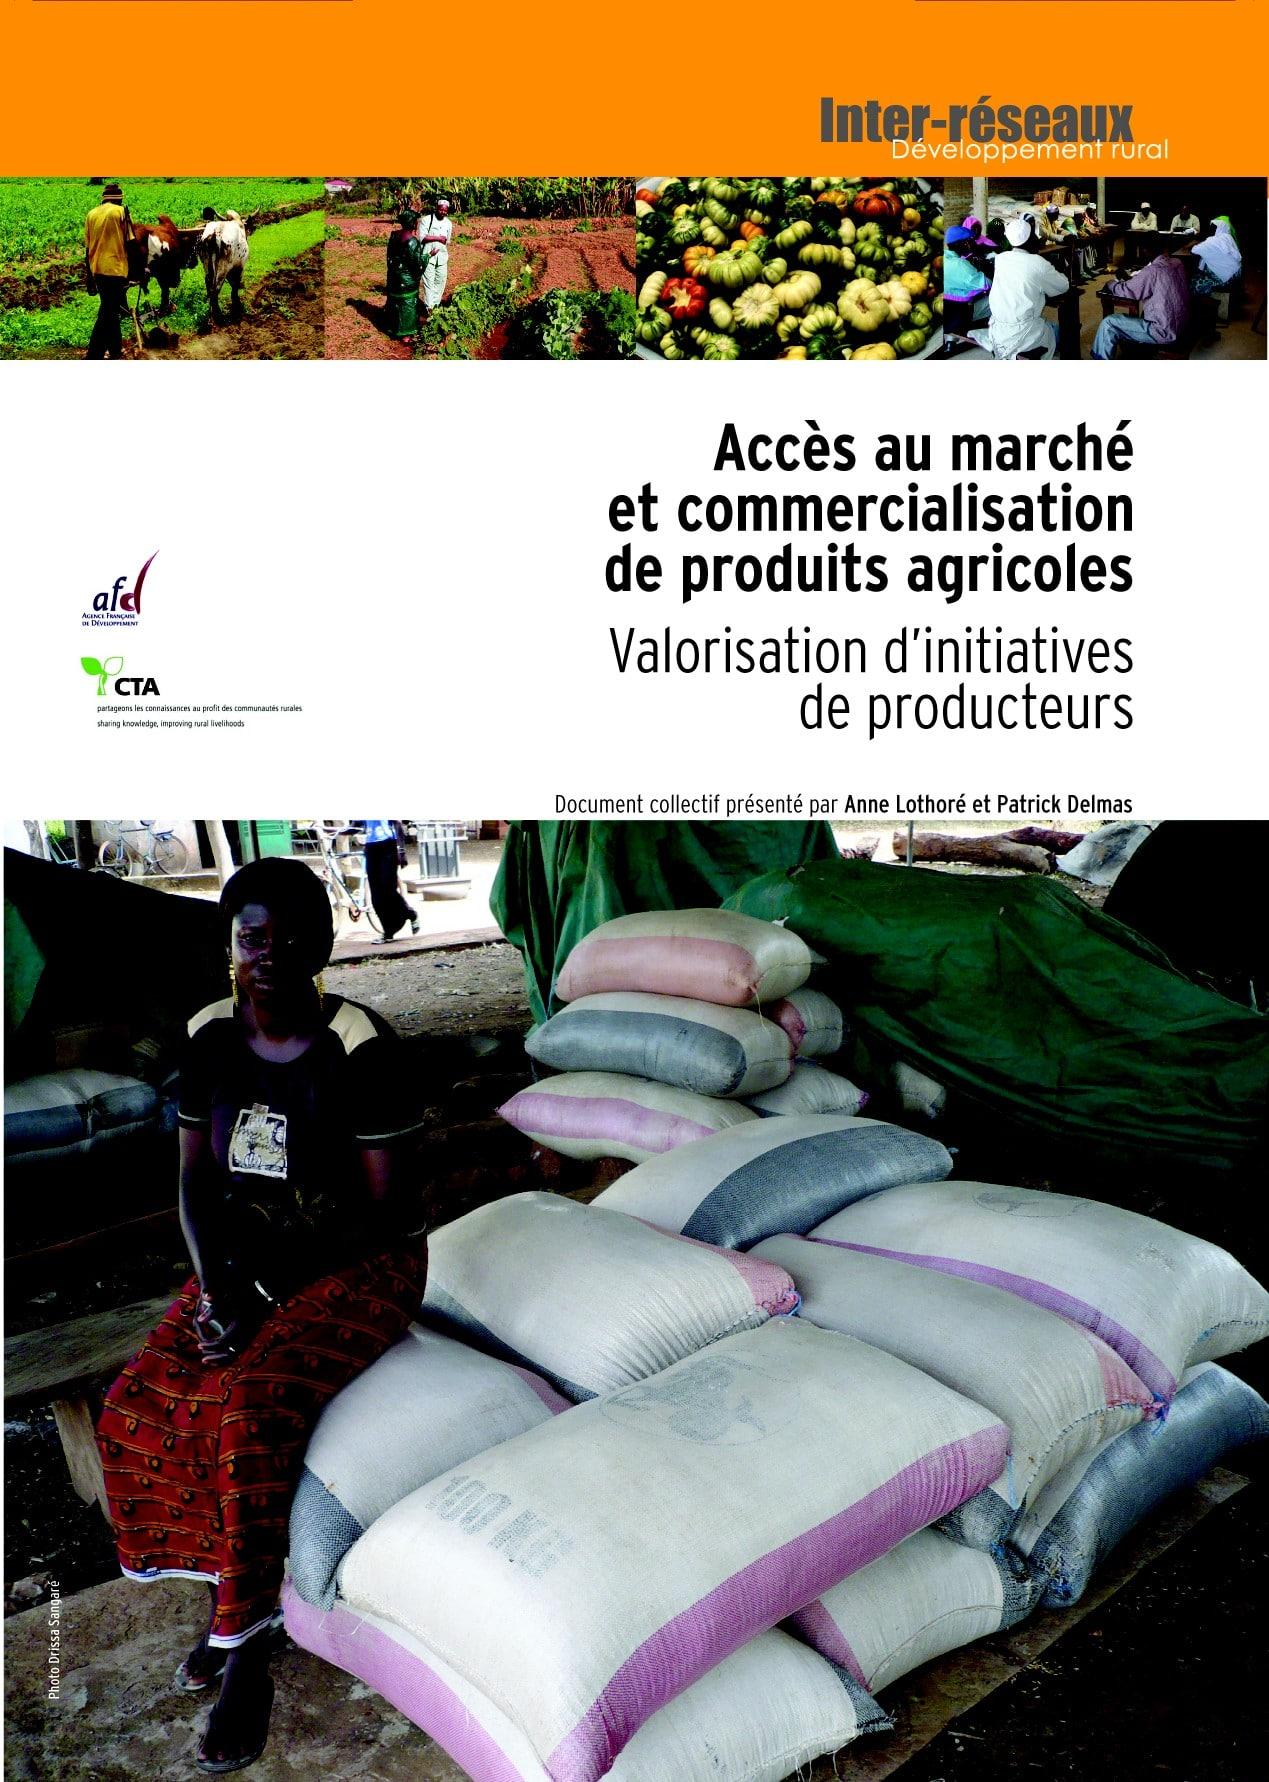 Accès au marché et commercialisation de produits agricoles : Valorisation d'initiatives de producteurs